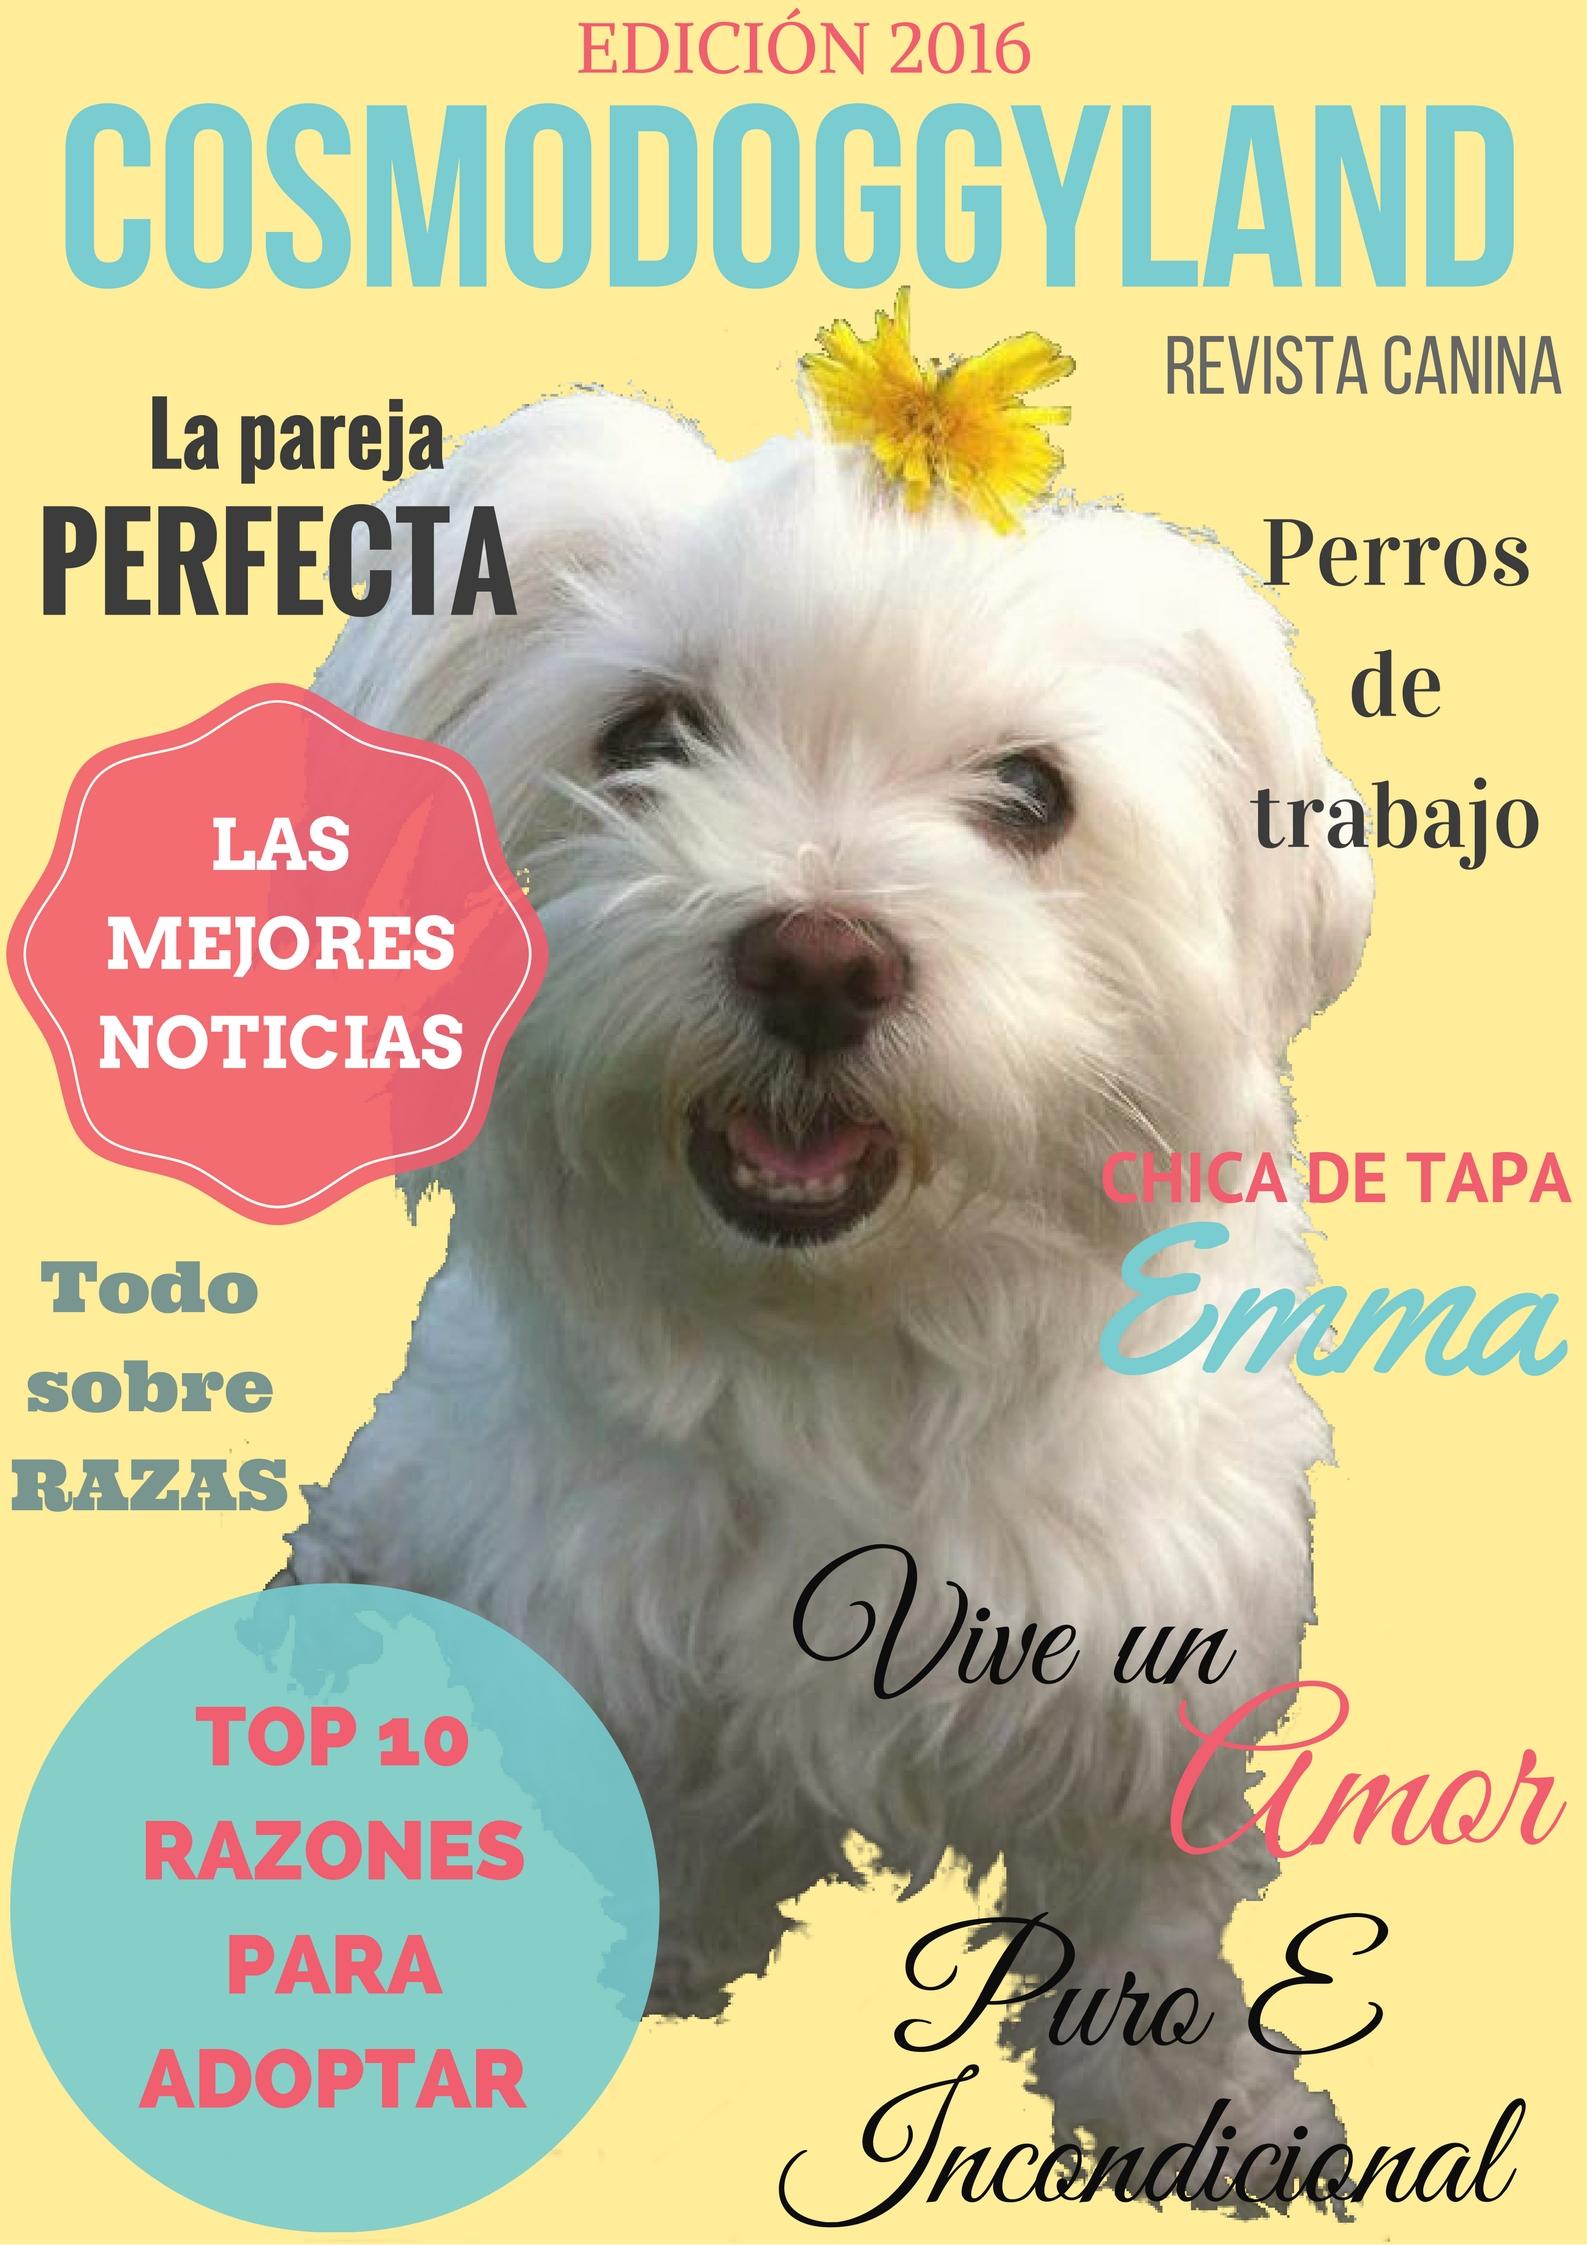 Revista Canina- Dog Magazine (Spanish). Únete a la manada y ayúdanos a hacer un mundo más pet friendly.